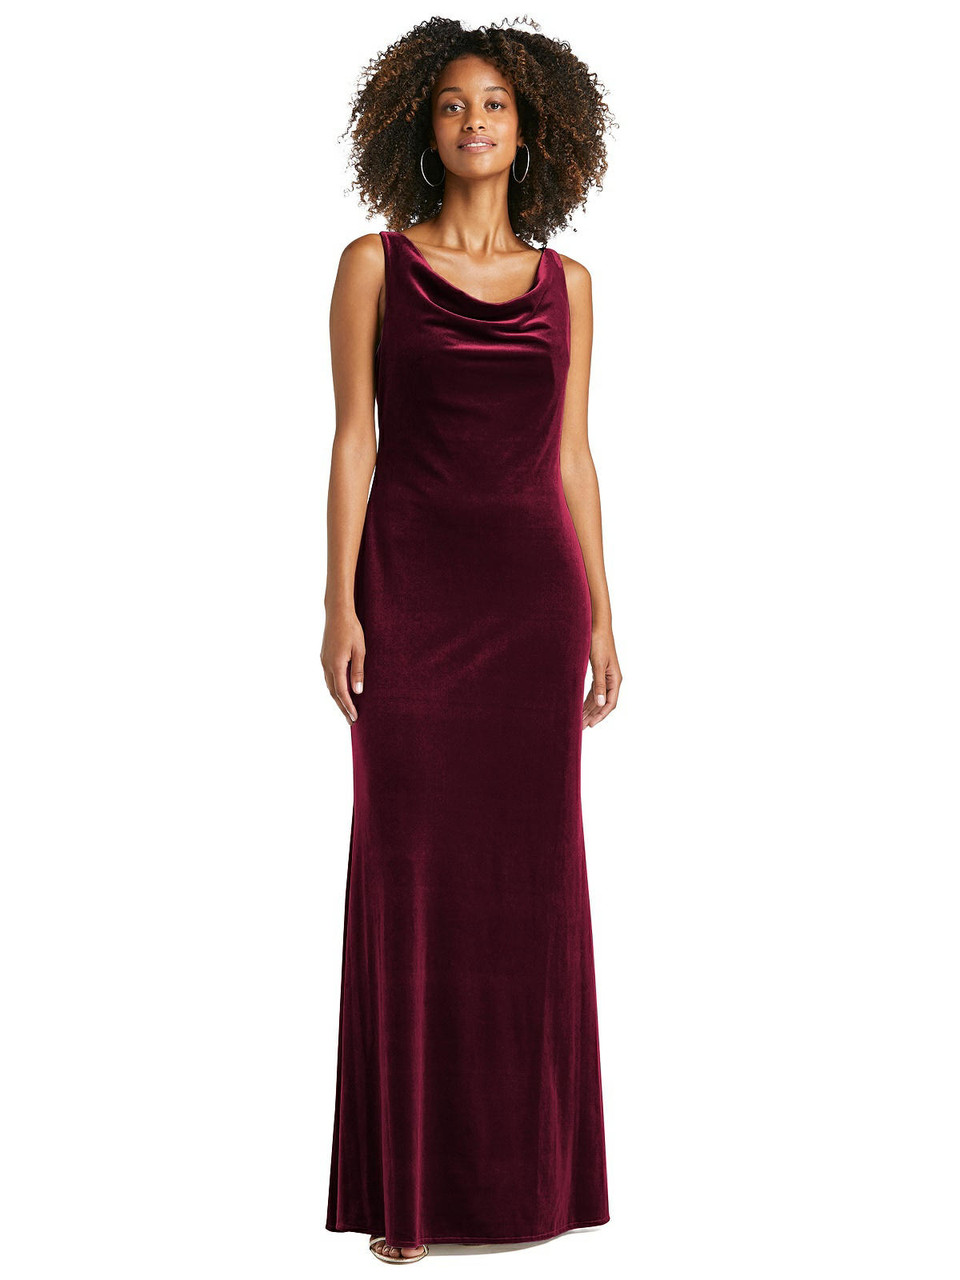 Lovely Style LB017 - Cowl-Neck Velvet Maxi Tank Dress - Priya